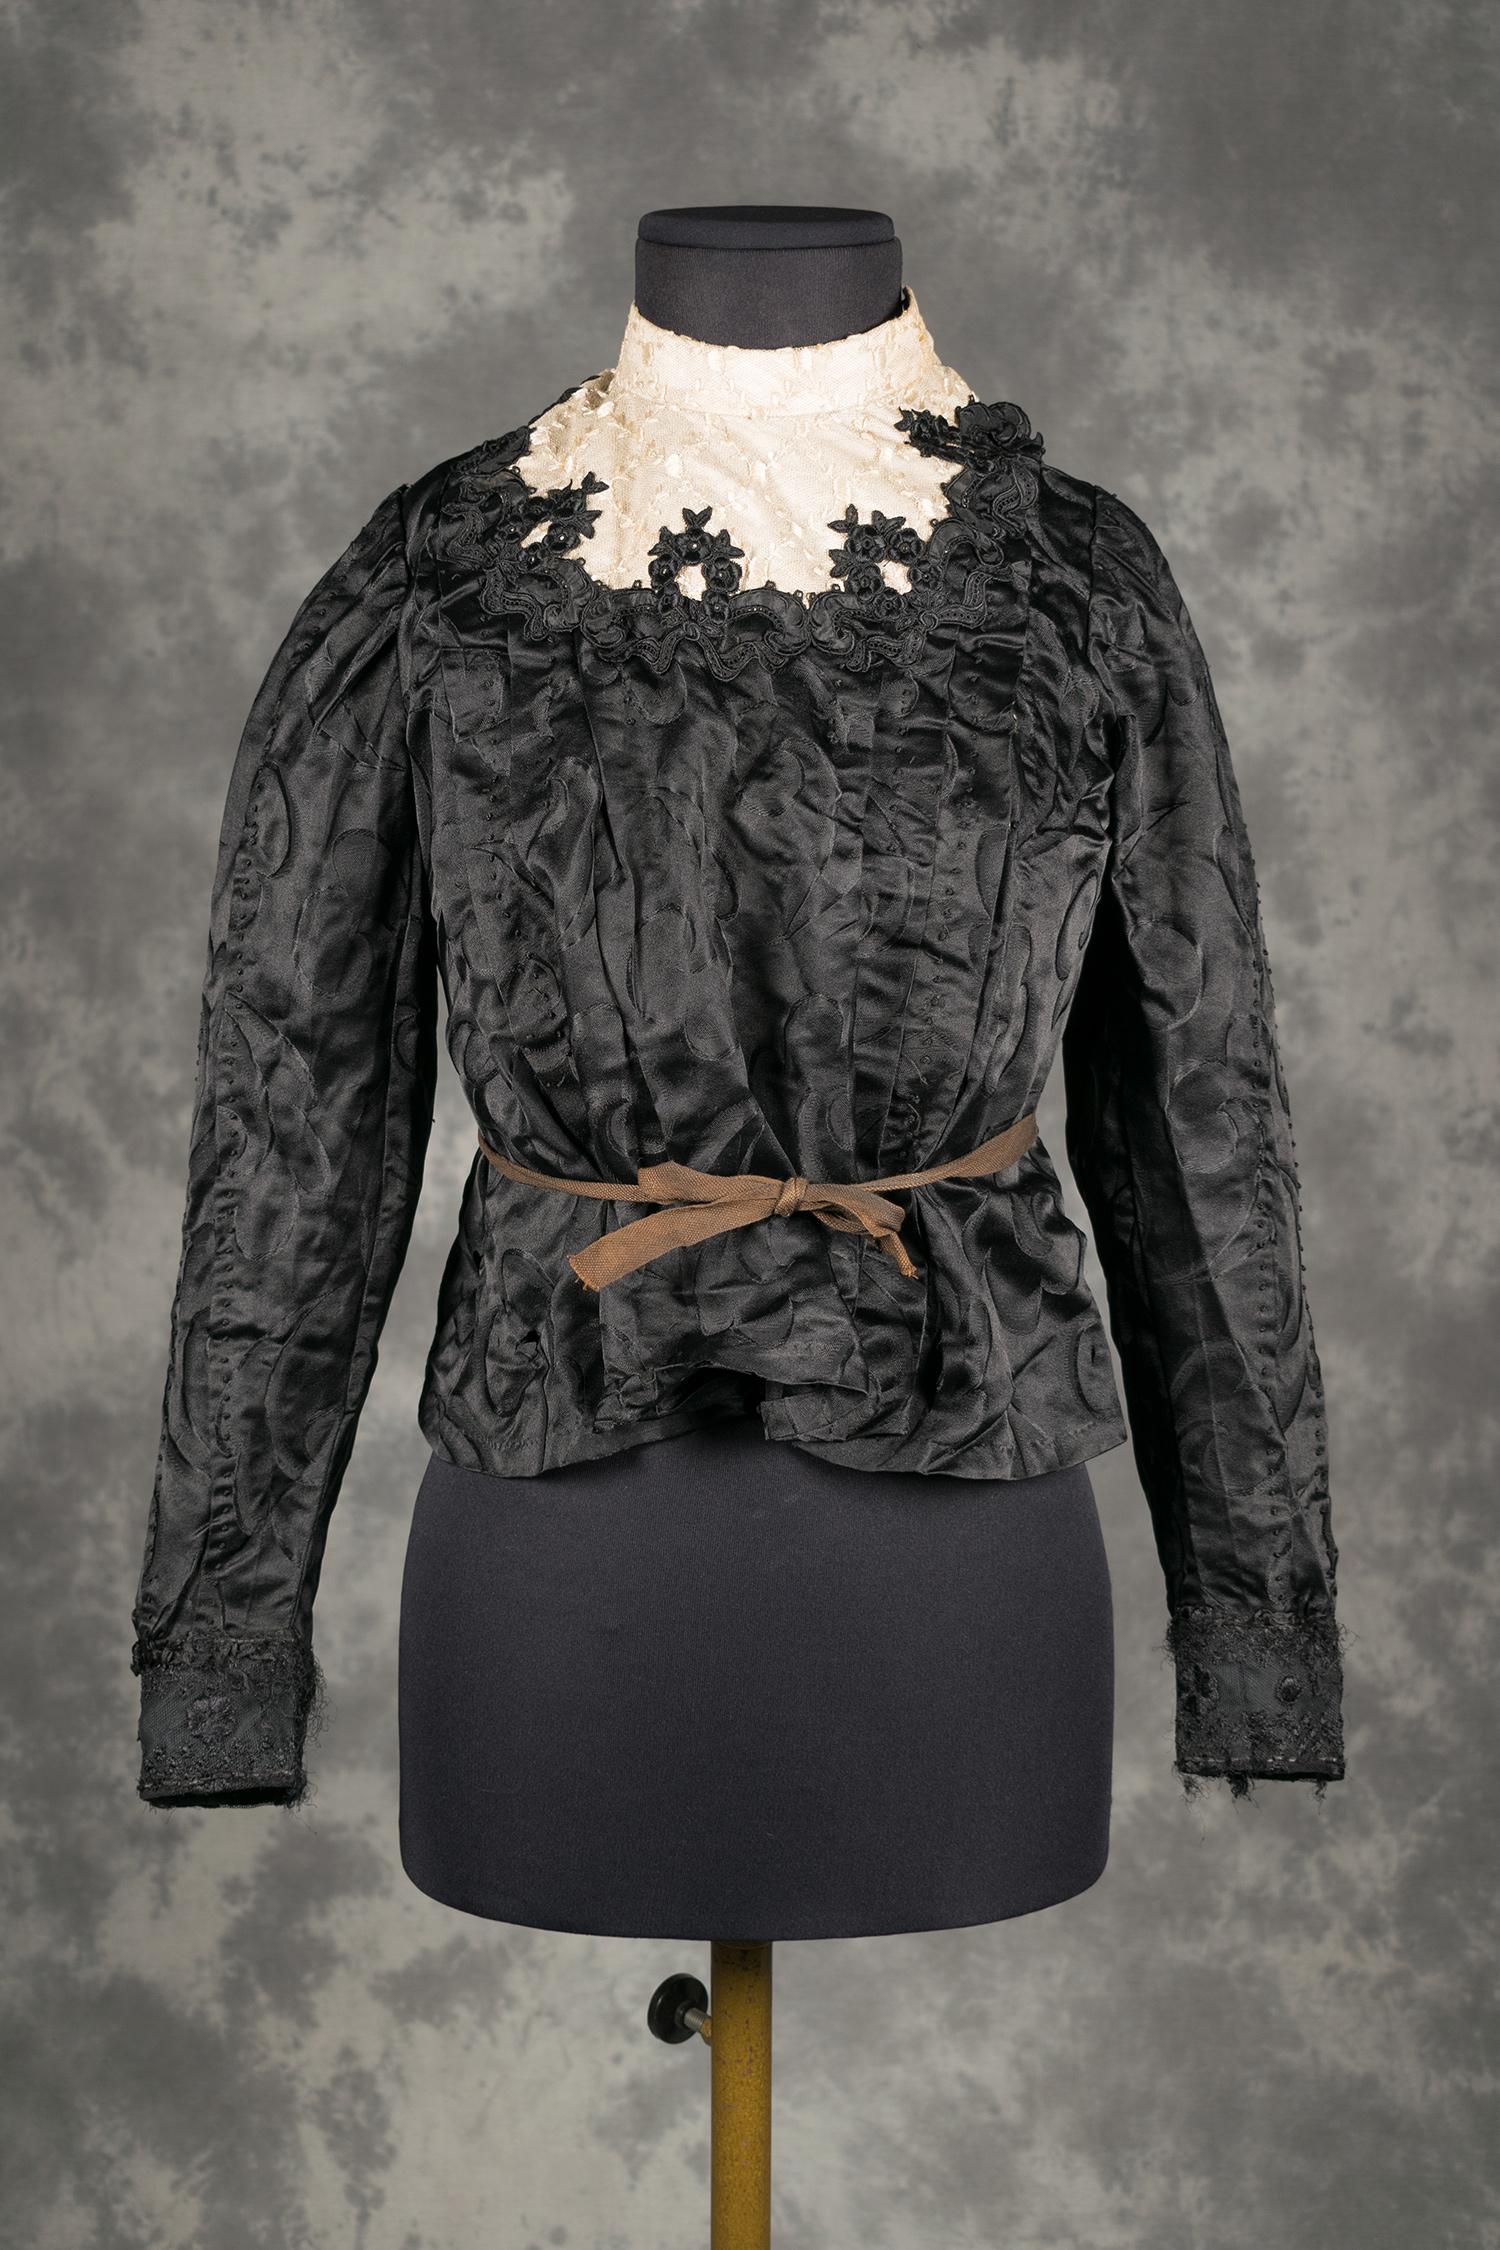 De Cuerpo Satén Motivos Vestido Negro VegetalesMuseu Con qUzMSVGp